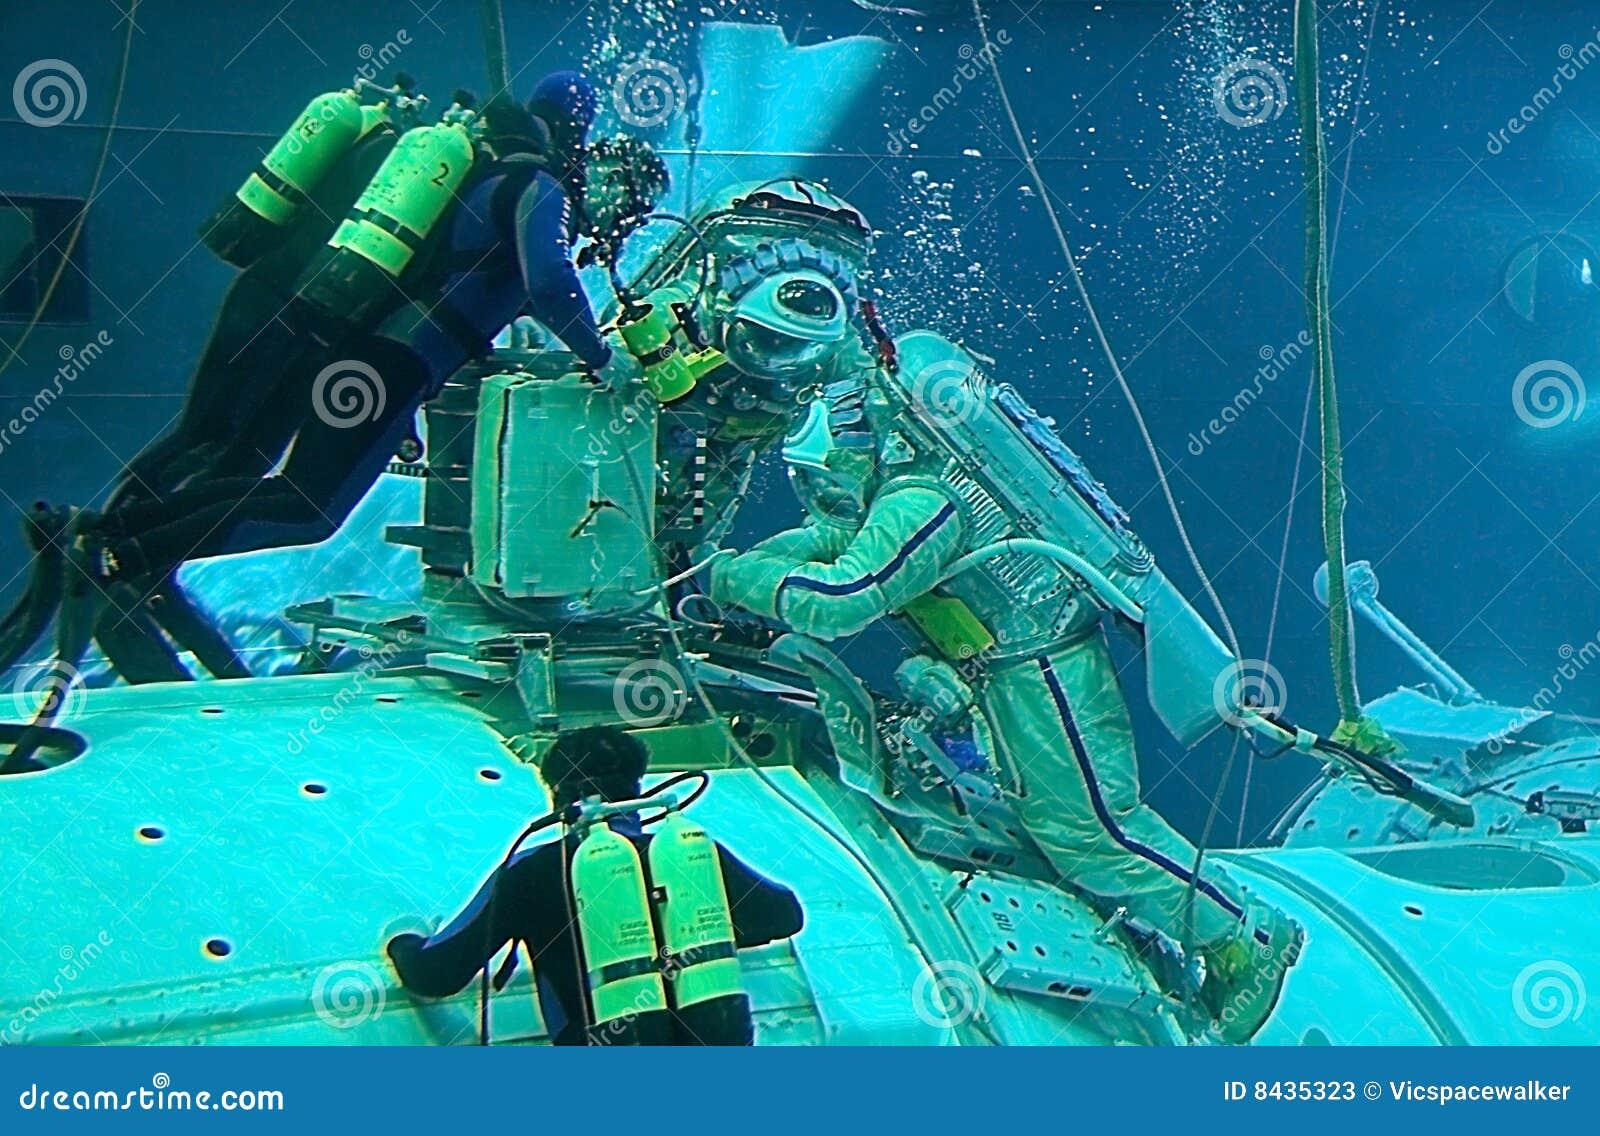 Spacewalk Training in the Hydrolab Pool